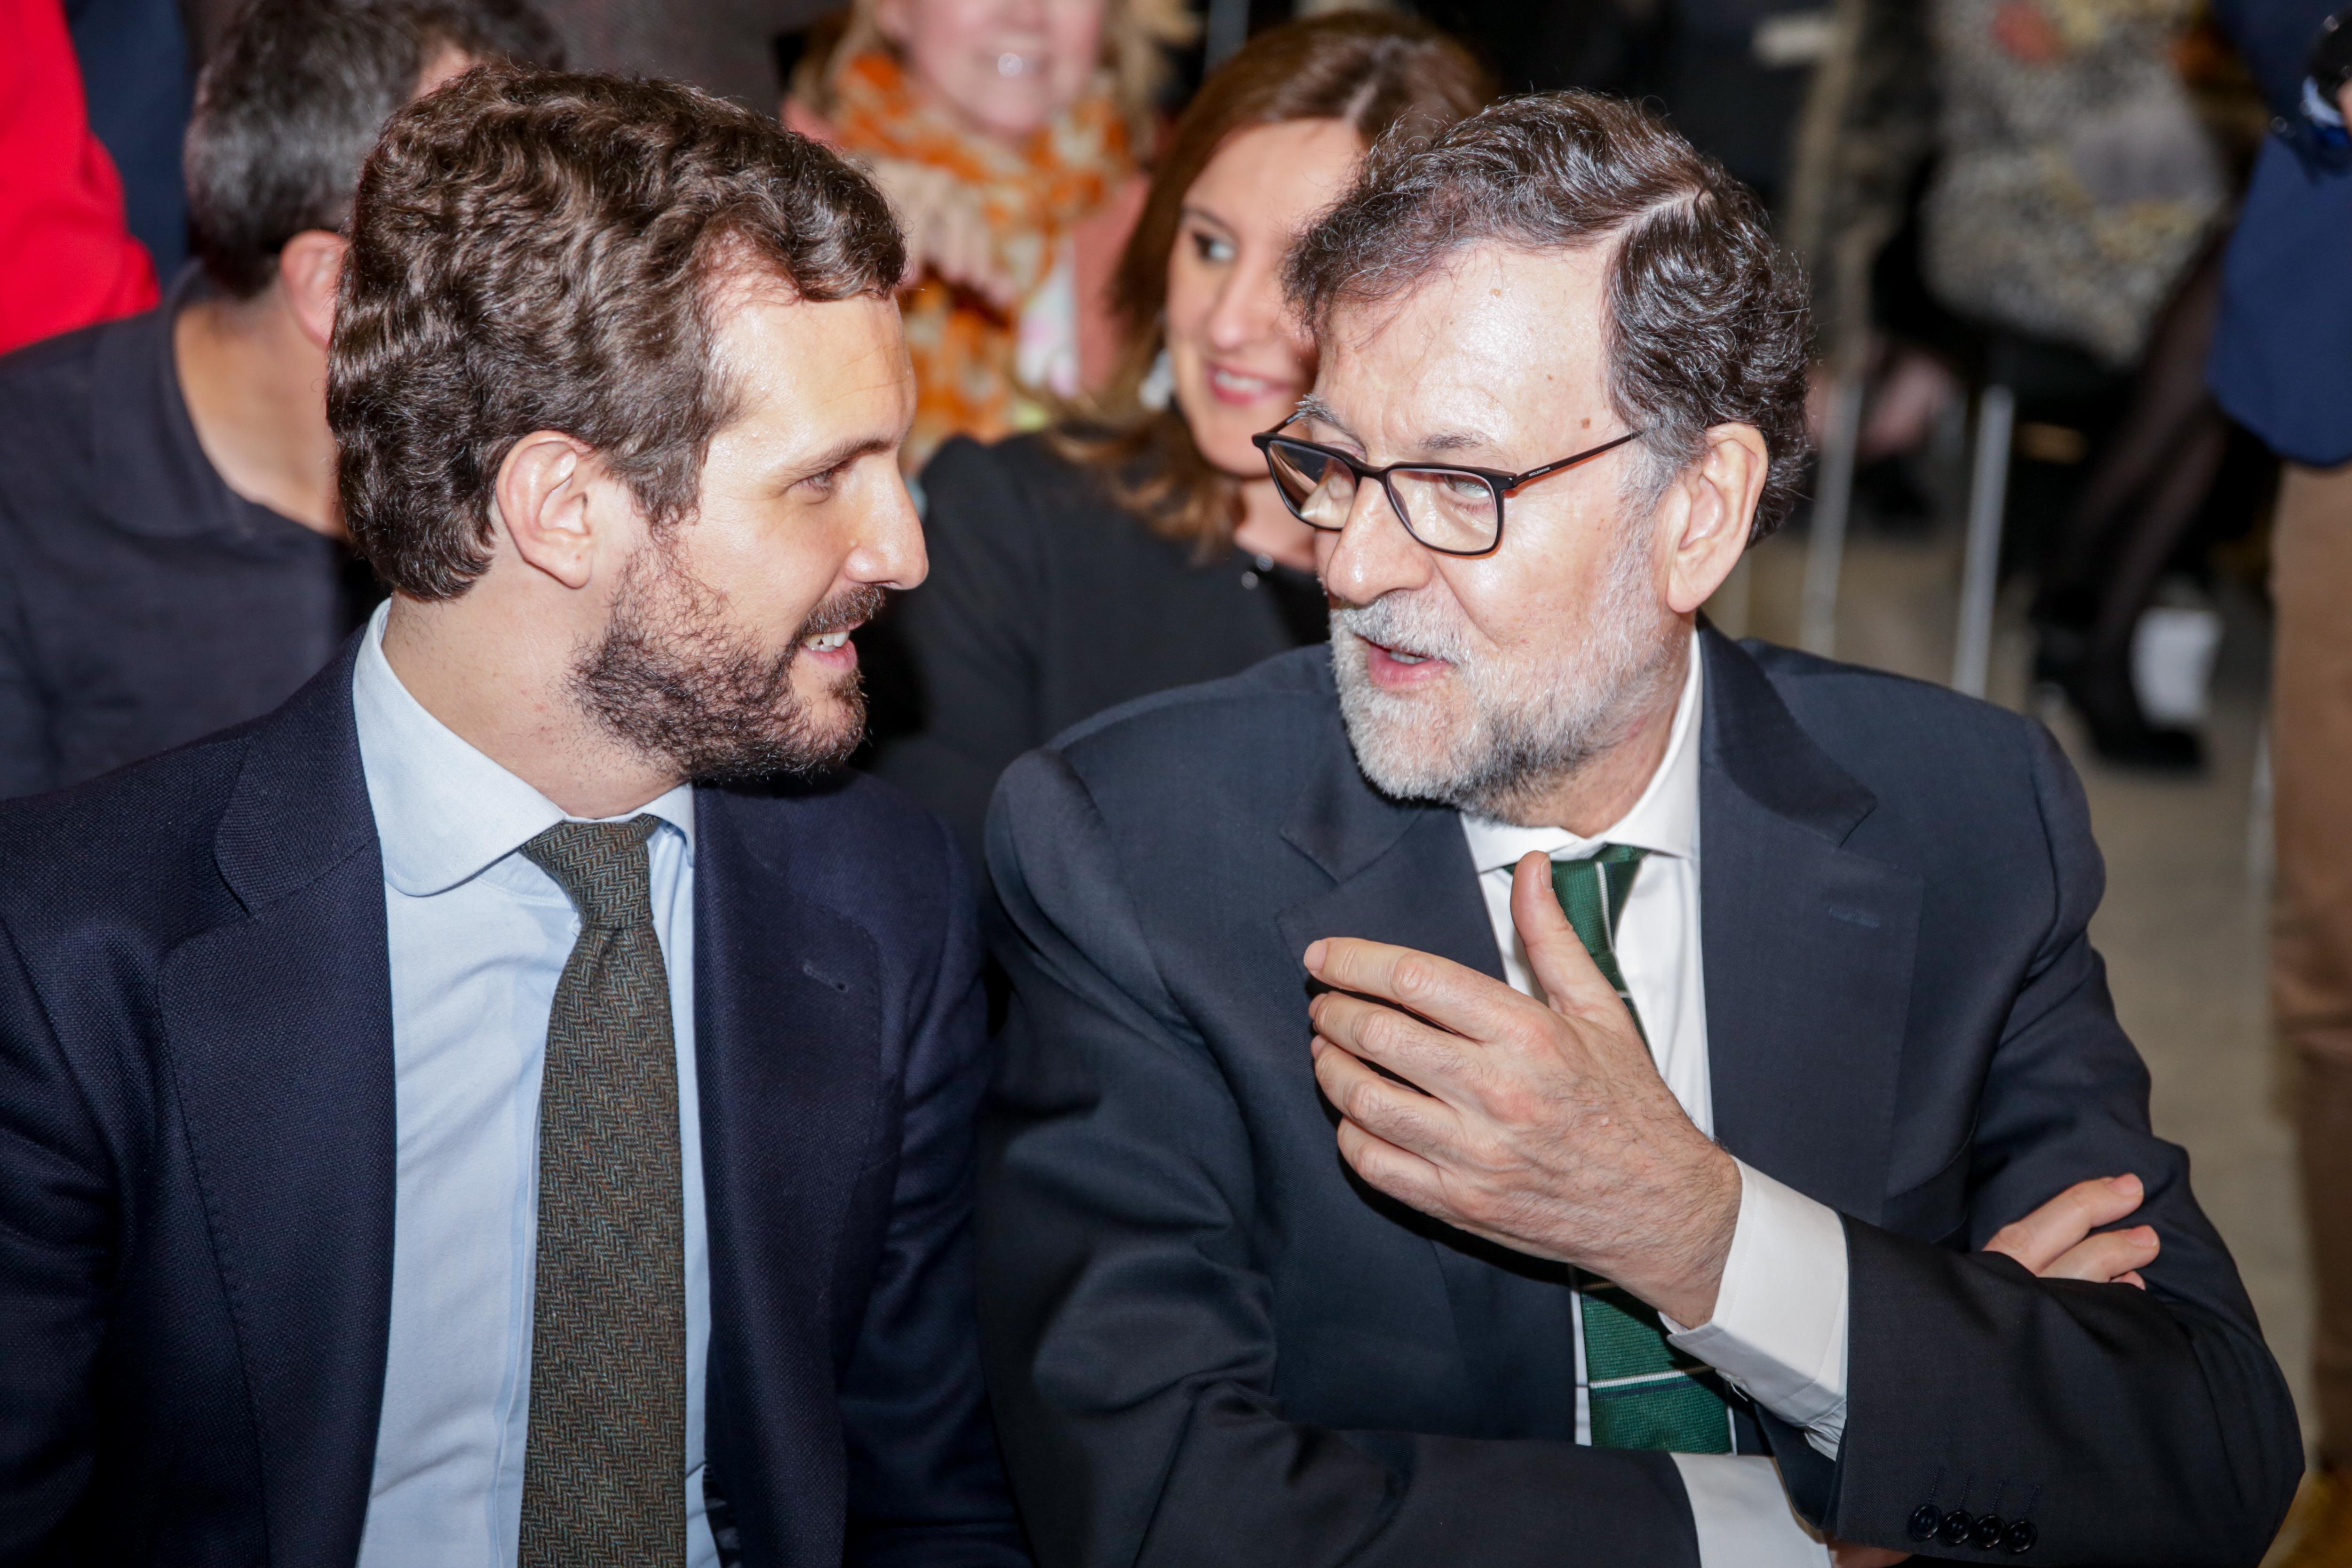 El presidente del Partido Popular, Pablo Casado; y el expresidente del Gobierno, Mariano Rajoy